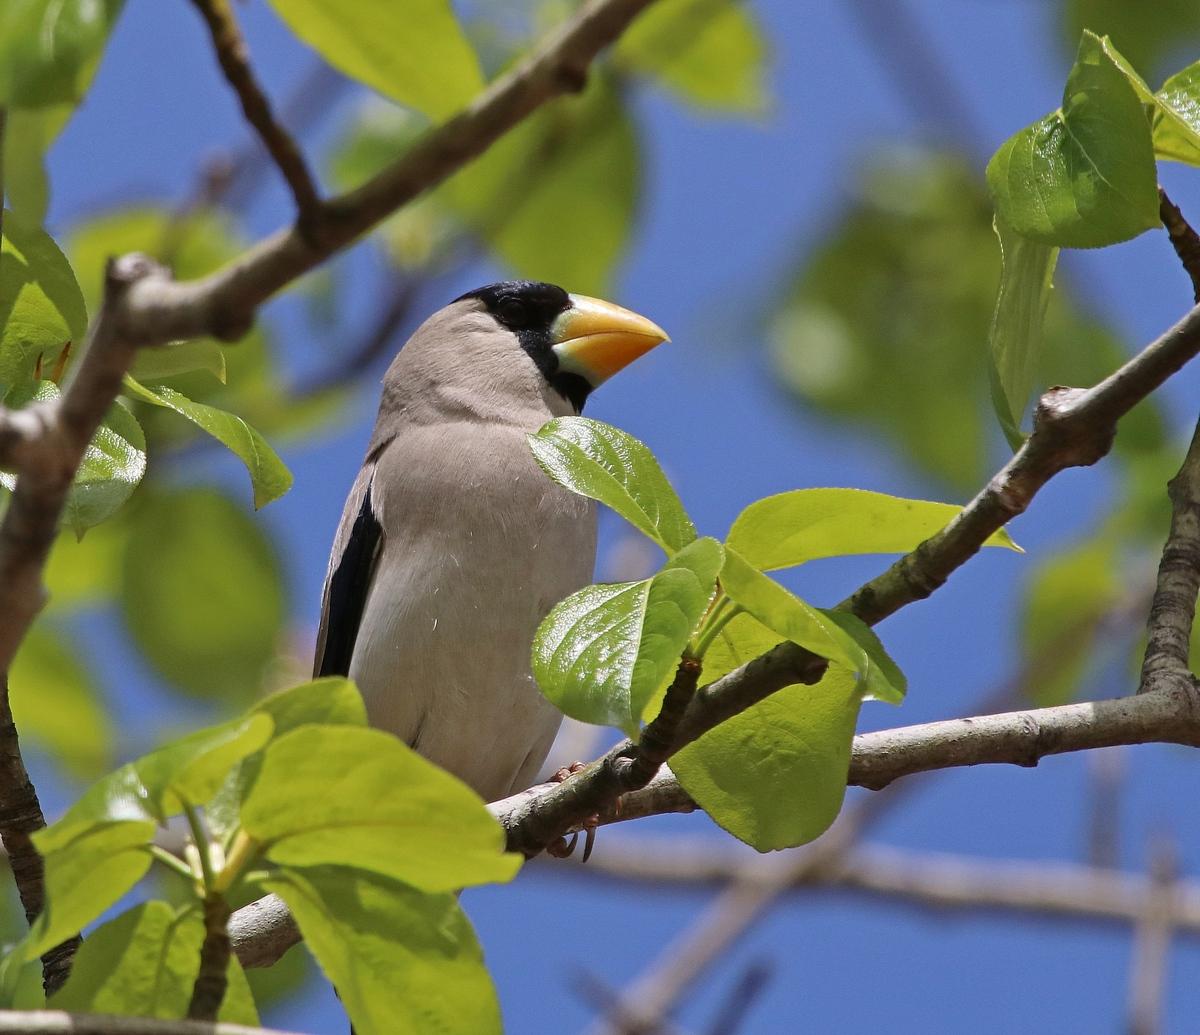 нижняя часть птицы приморья в картинках может рассказать